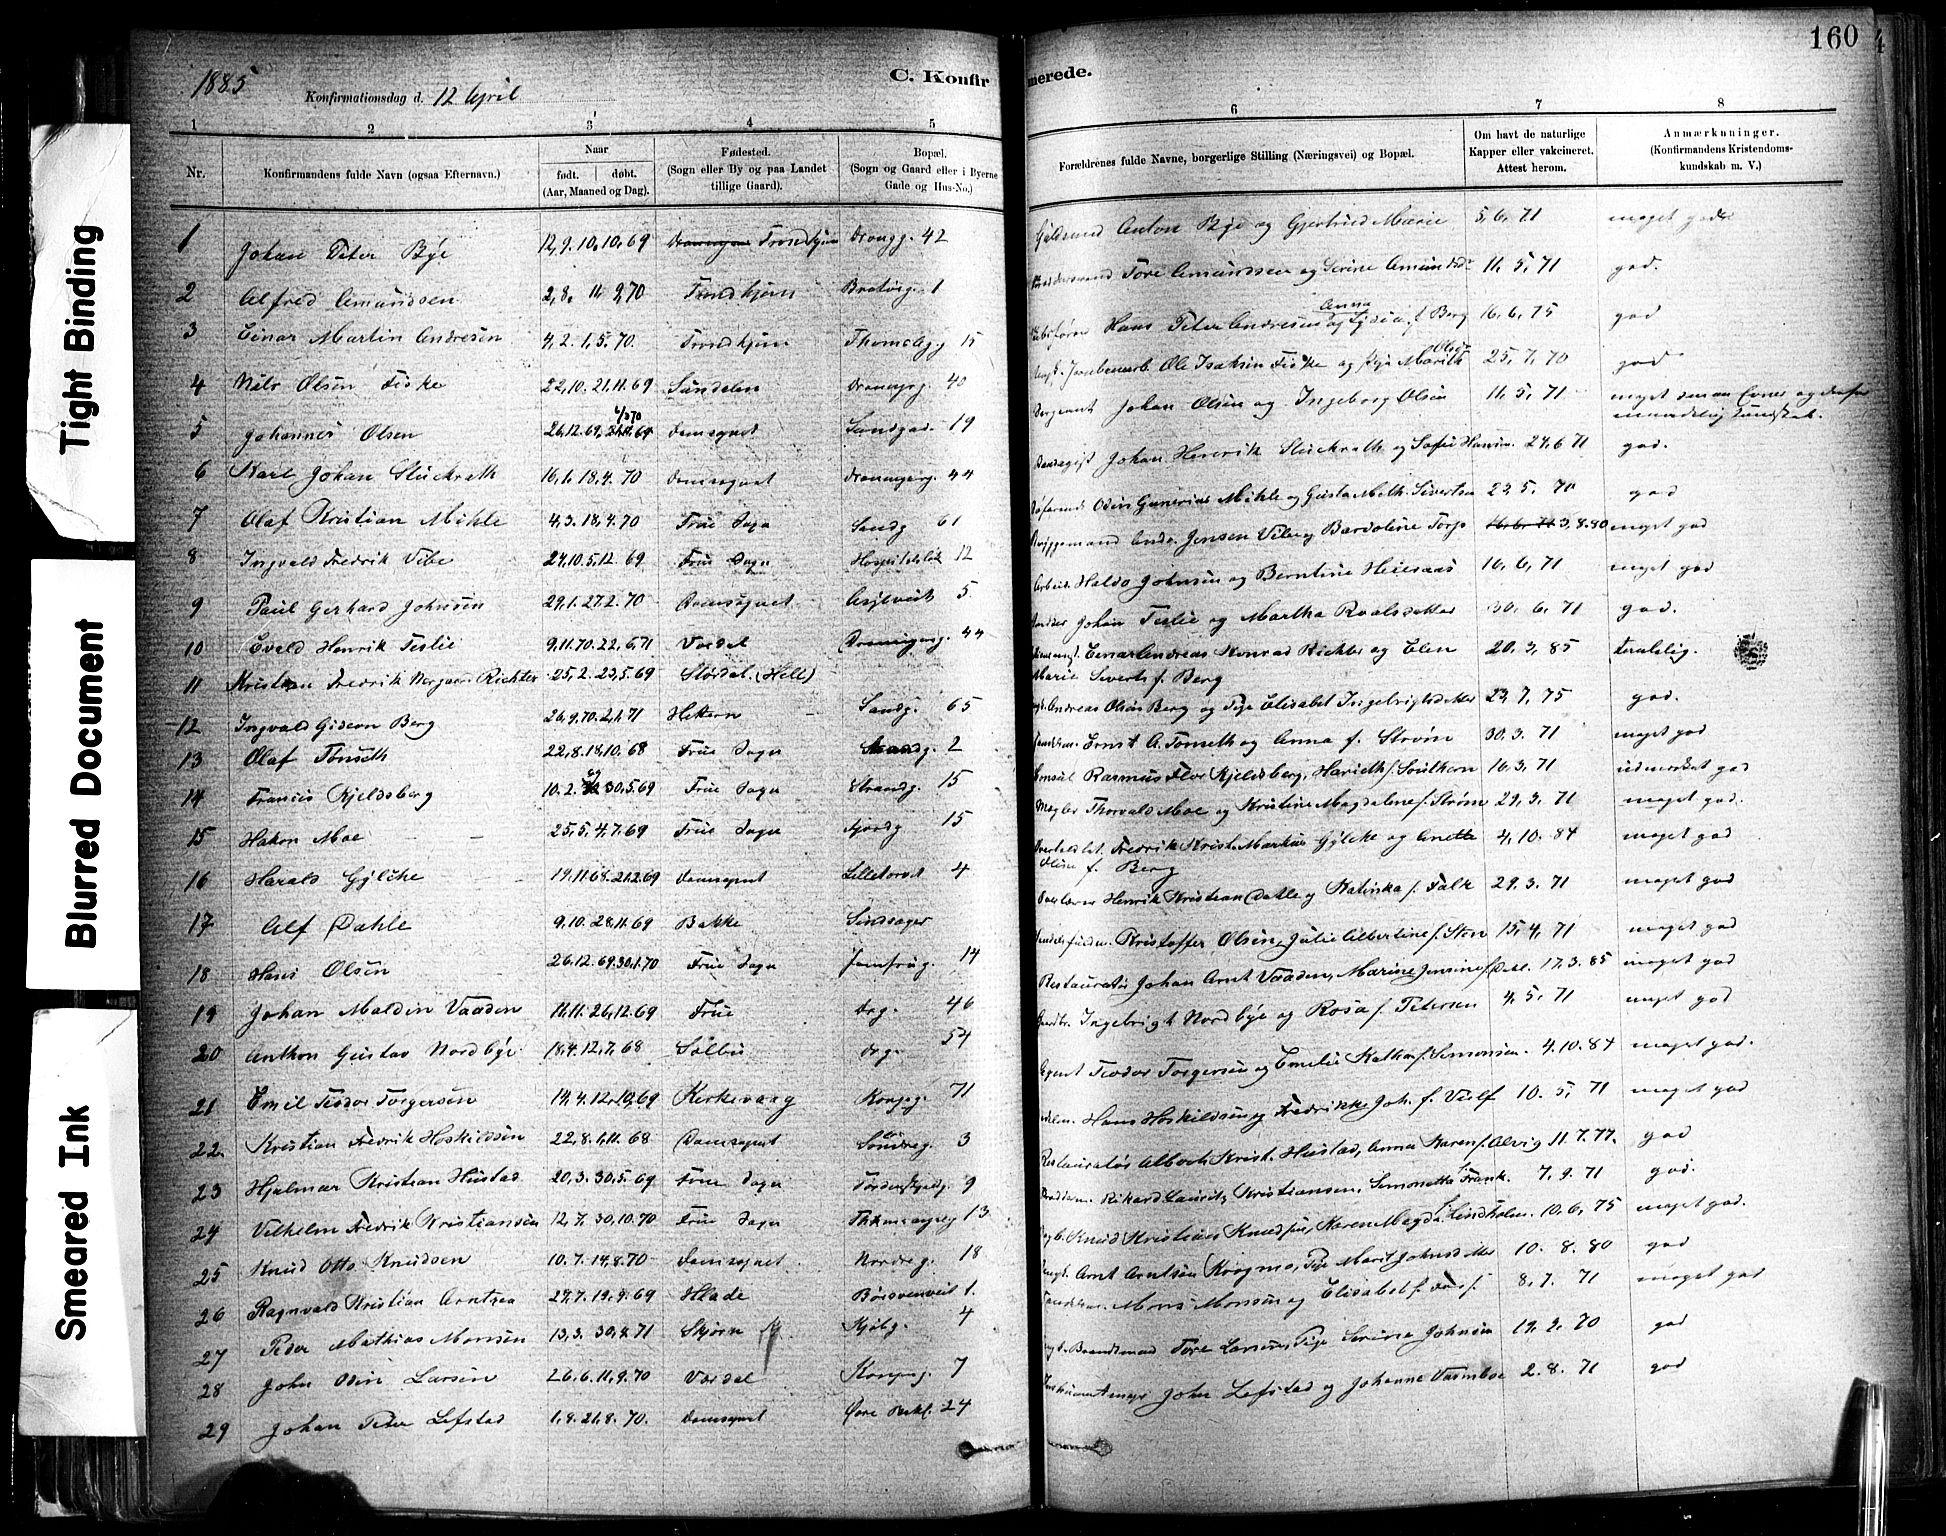 SAT, Ministerialprotokoller, klokkerbøker og fødselsregistre - Sør-Trøndelag, 602/L0119: Ministerialbok nr. 602A17, 1880-1901, s. 160